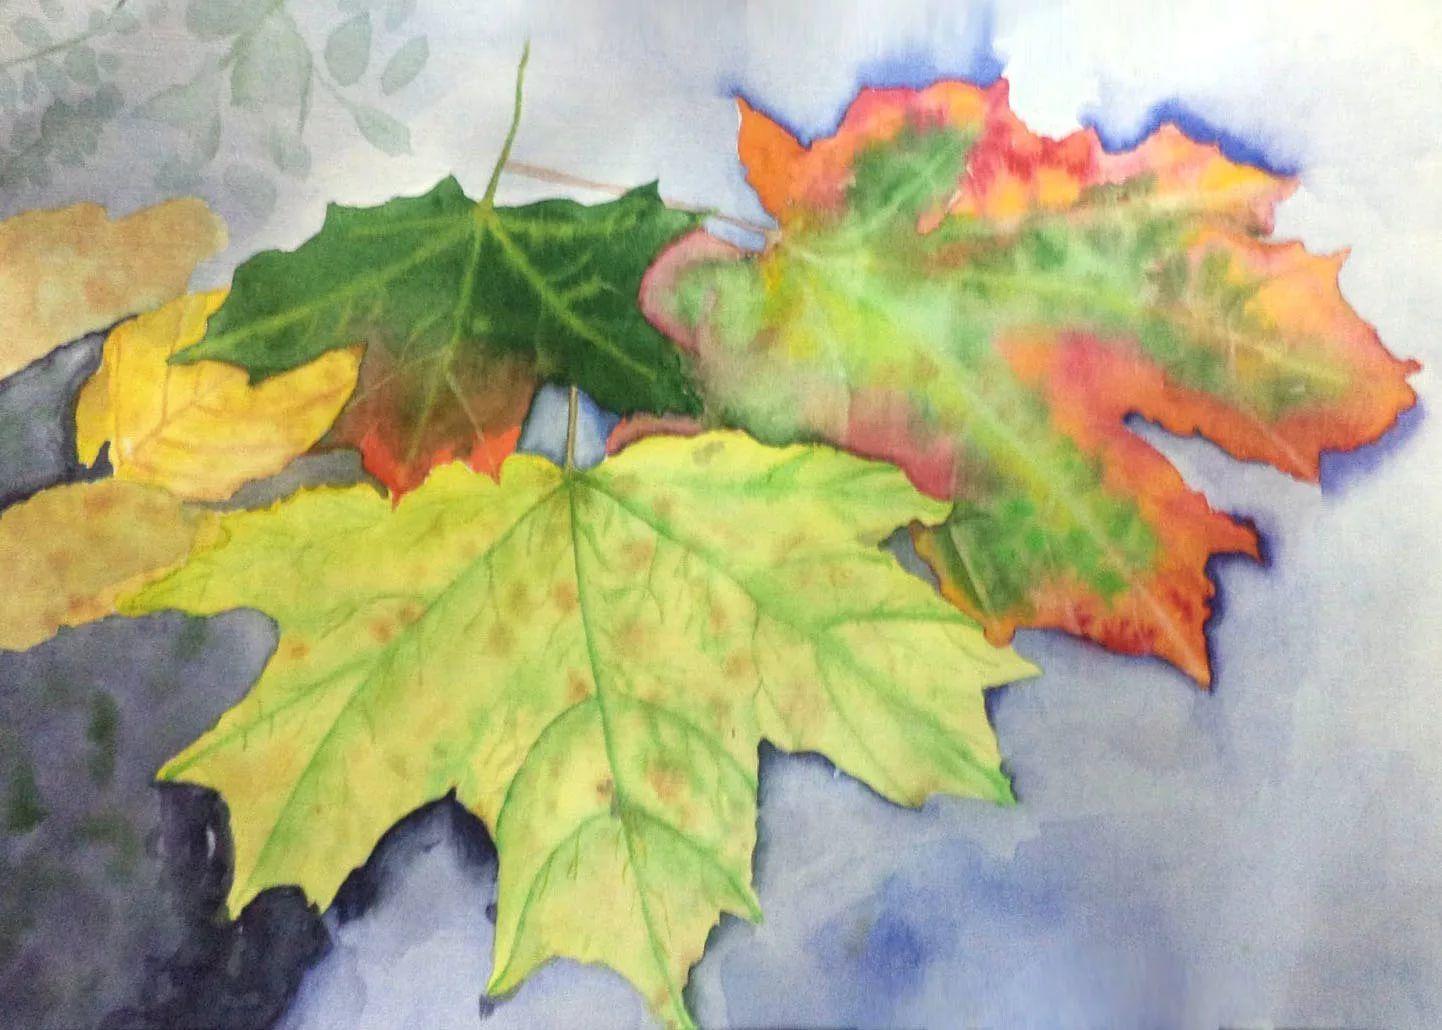 рисунки на листьях клена картинки повышенное потоотделение